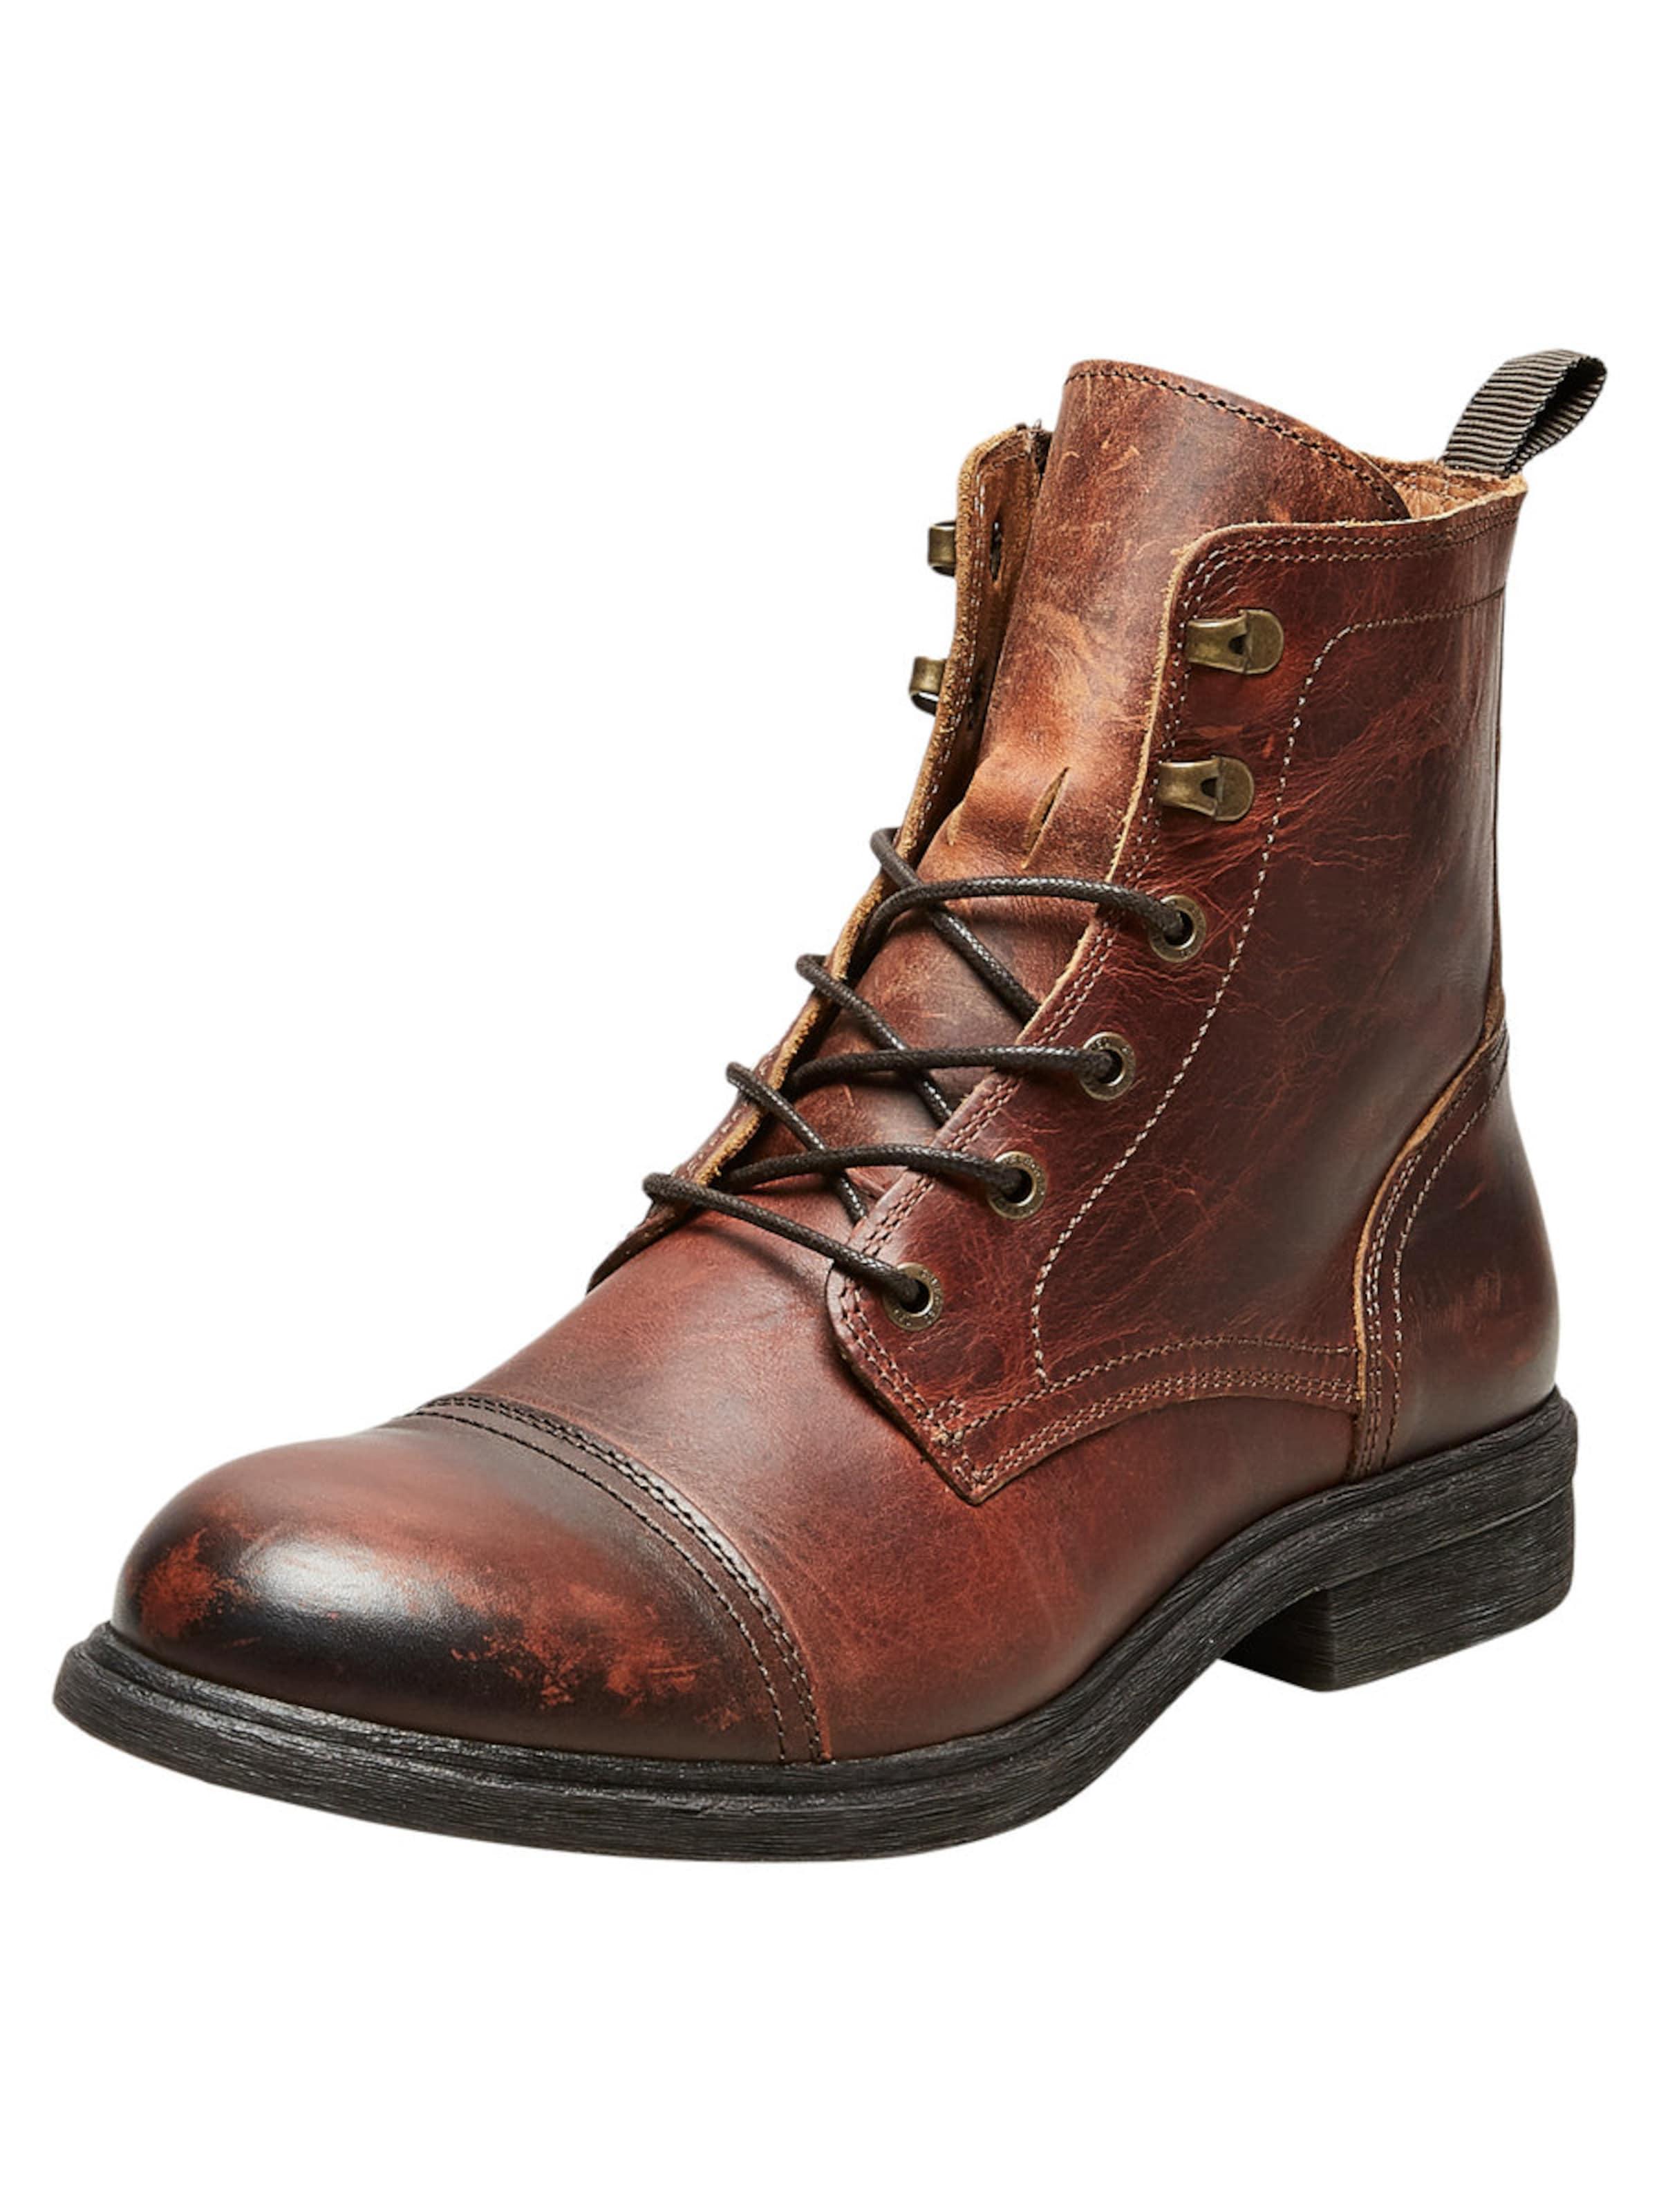 SELECTED HOMME Schnürstiefelettte Günstige und langlebige Schuhe